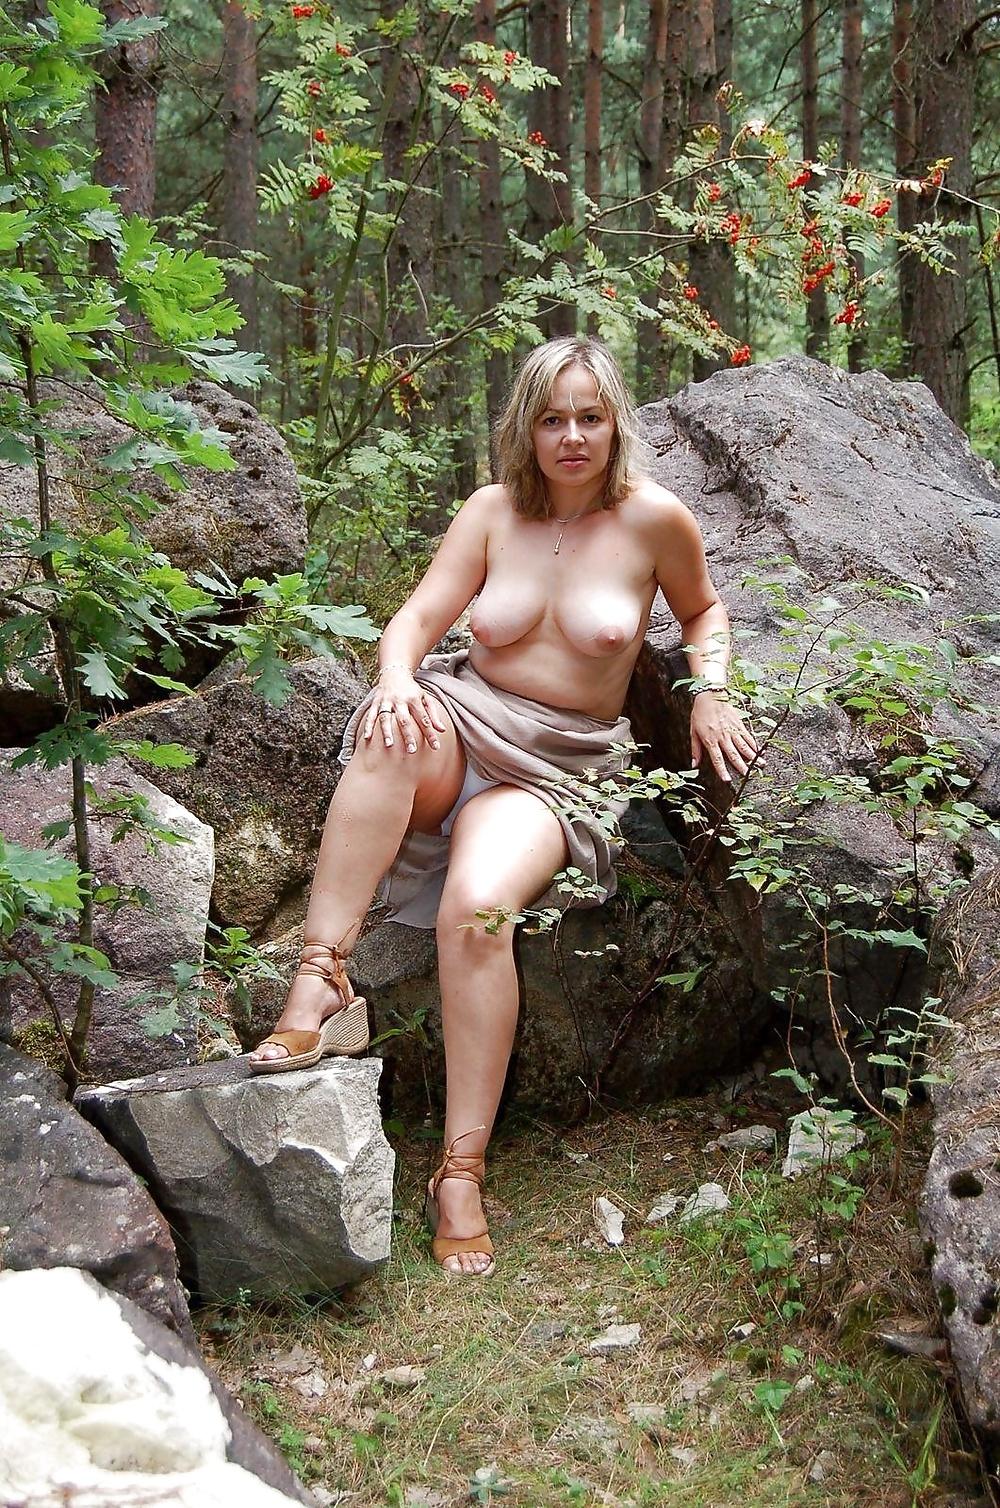 зрелые голые женщины под деревом - 3